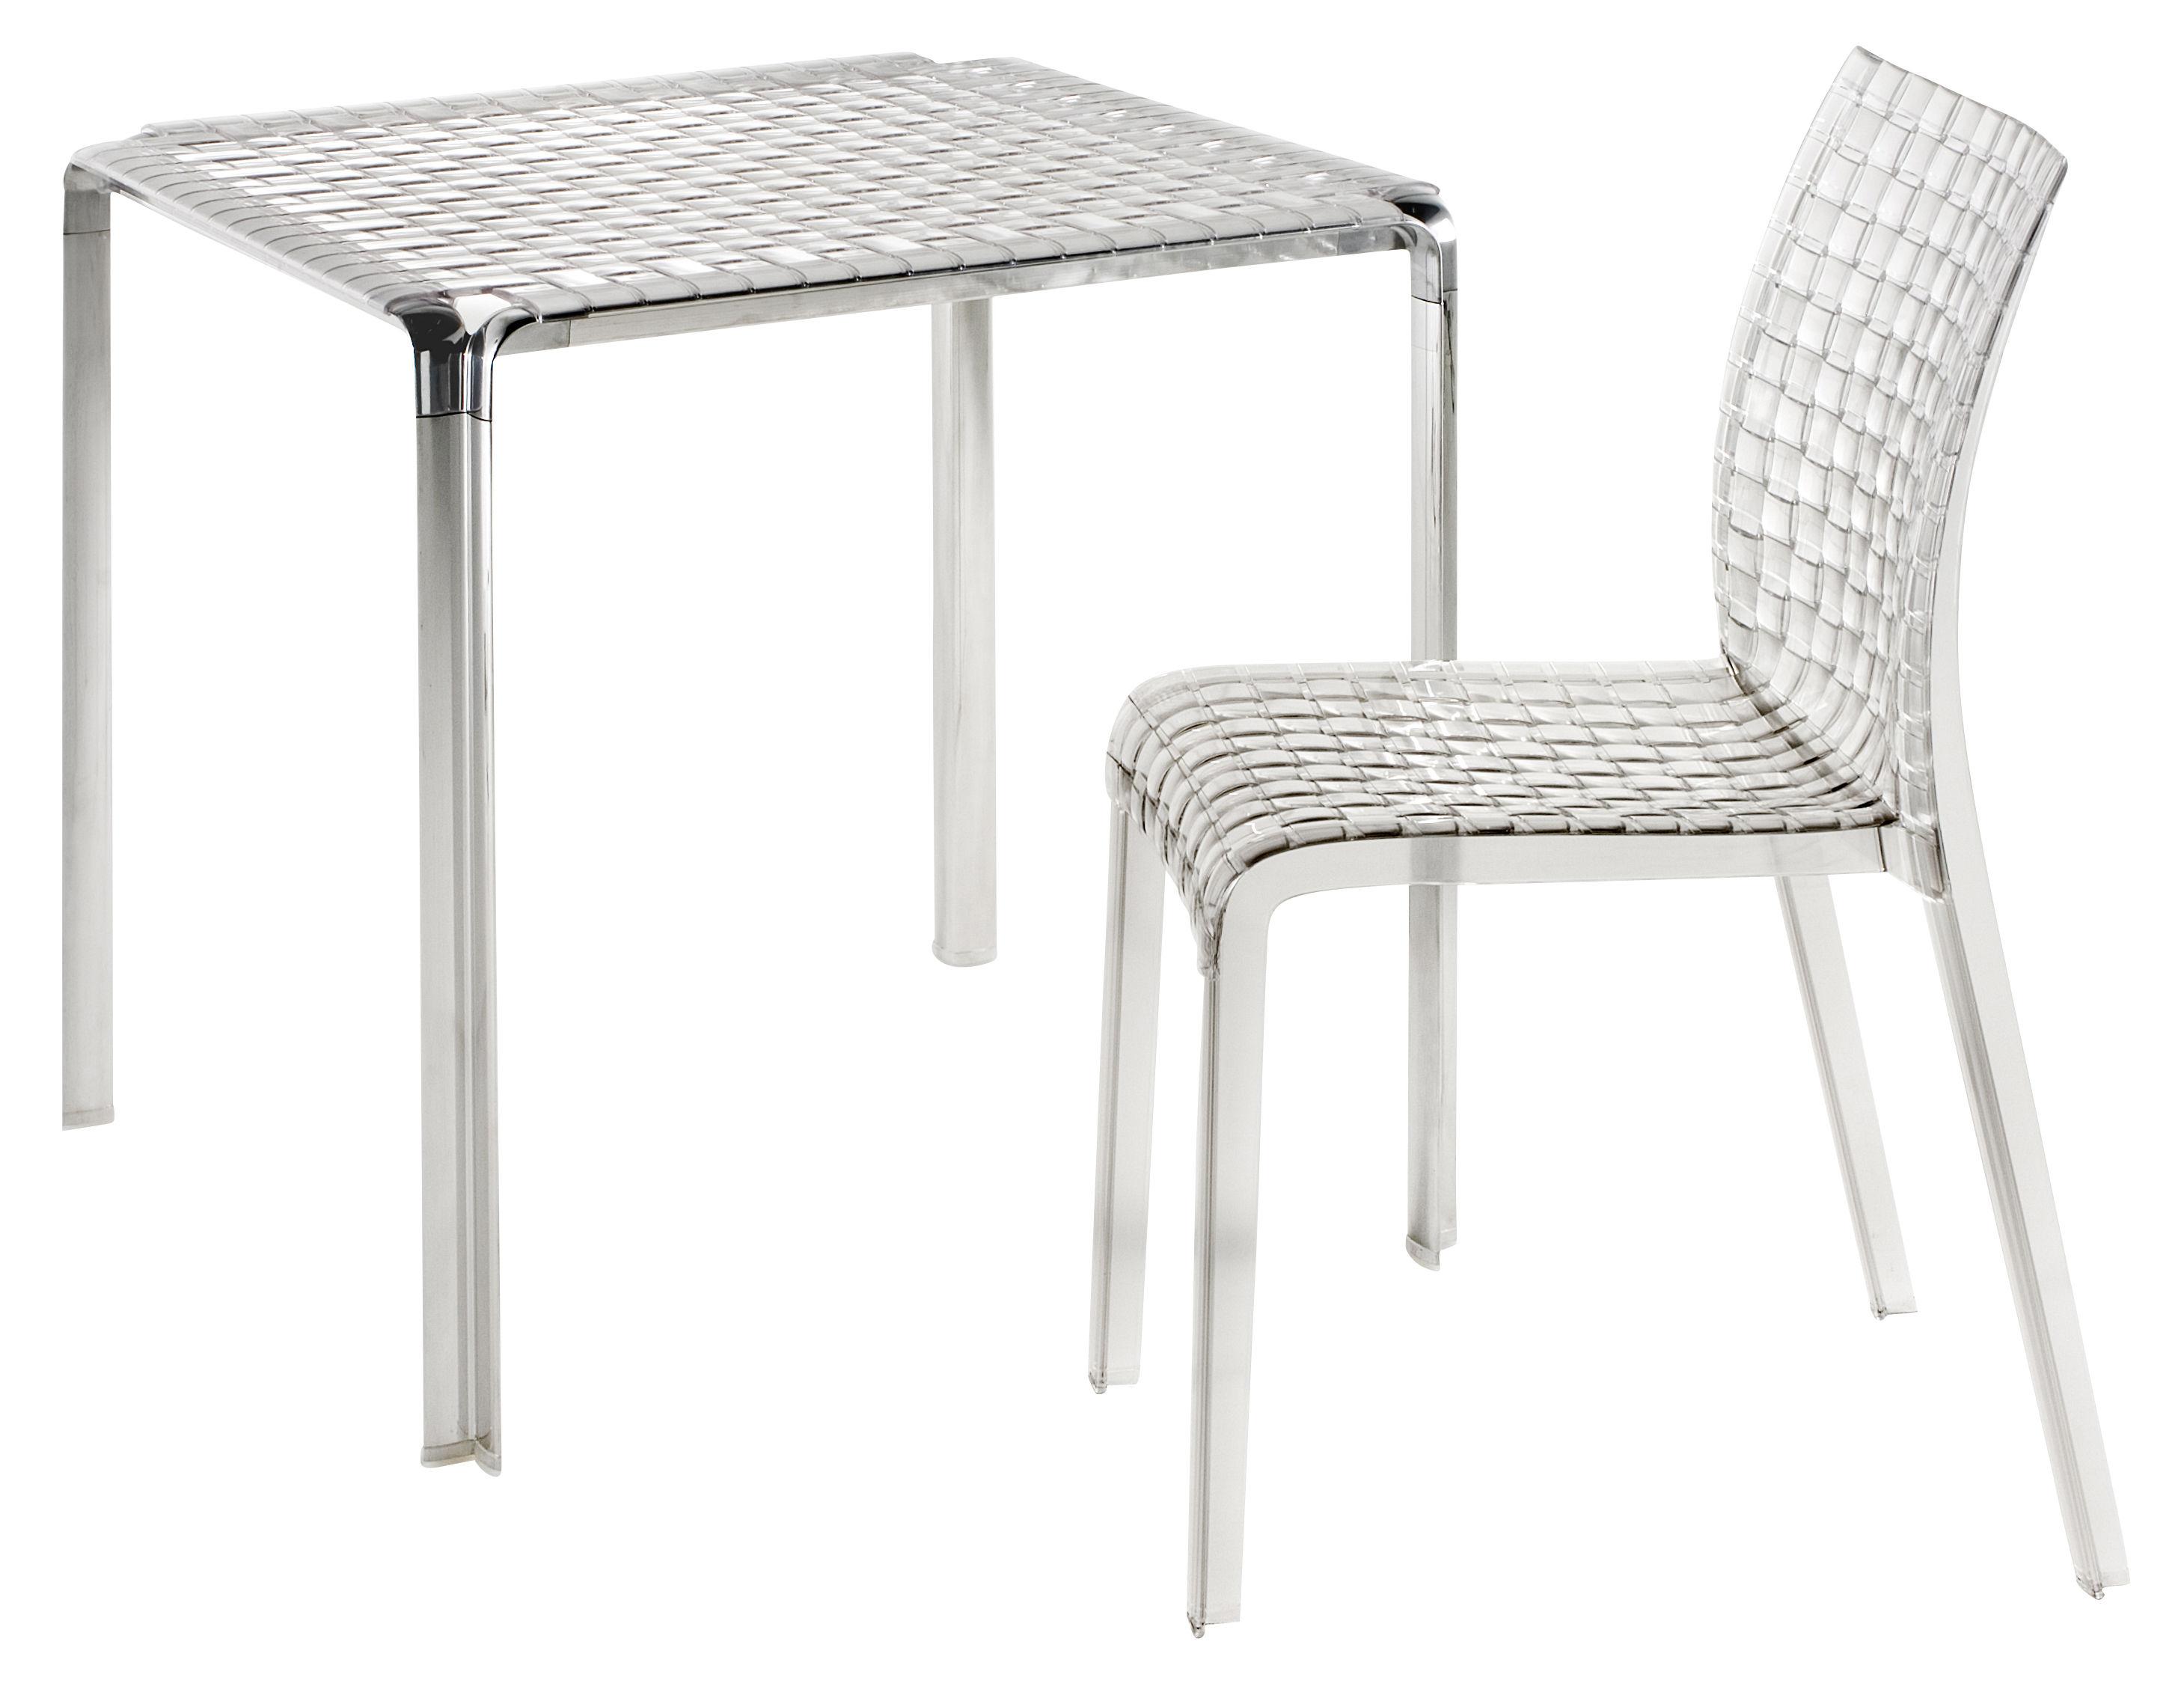 Scopri sedia ami ami trasparente di kartell made in - Sedia kartell trasparente ...